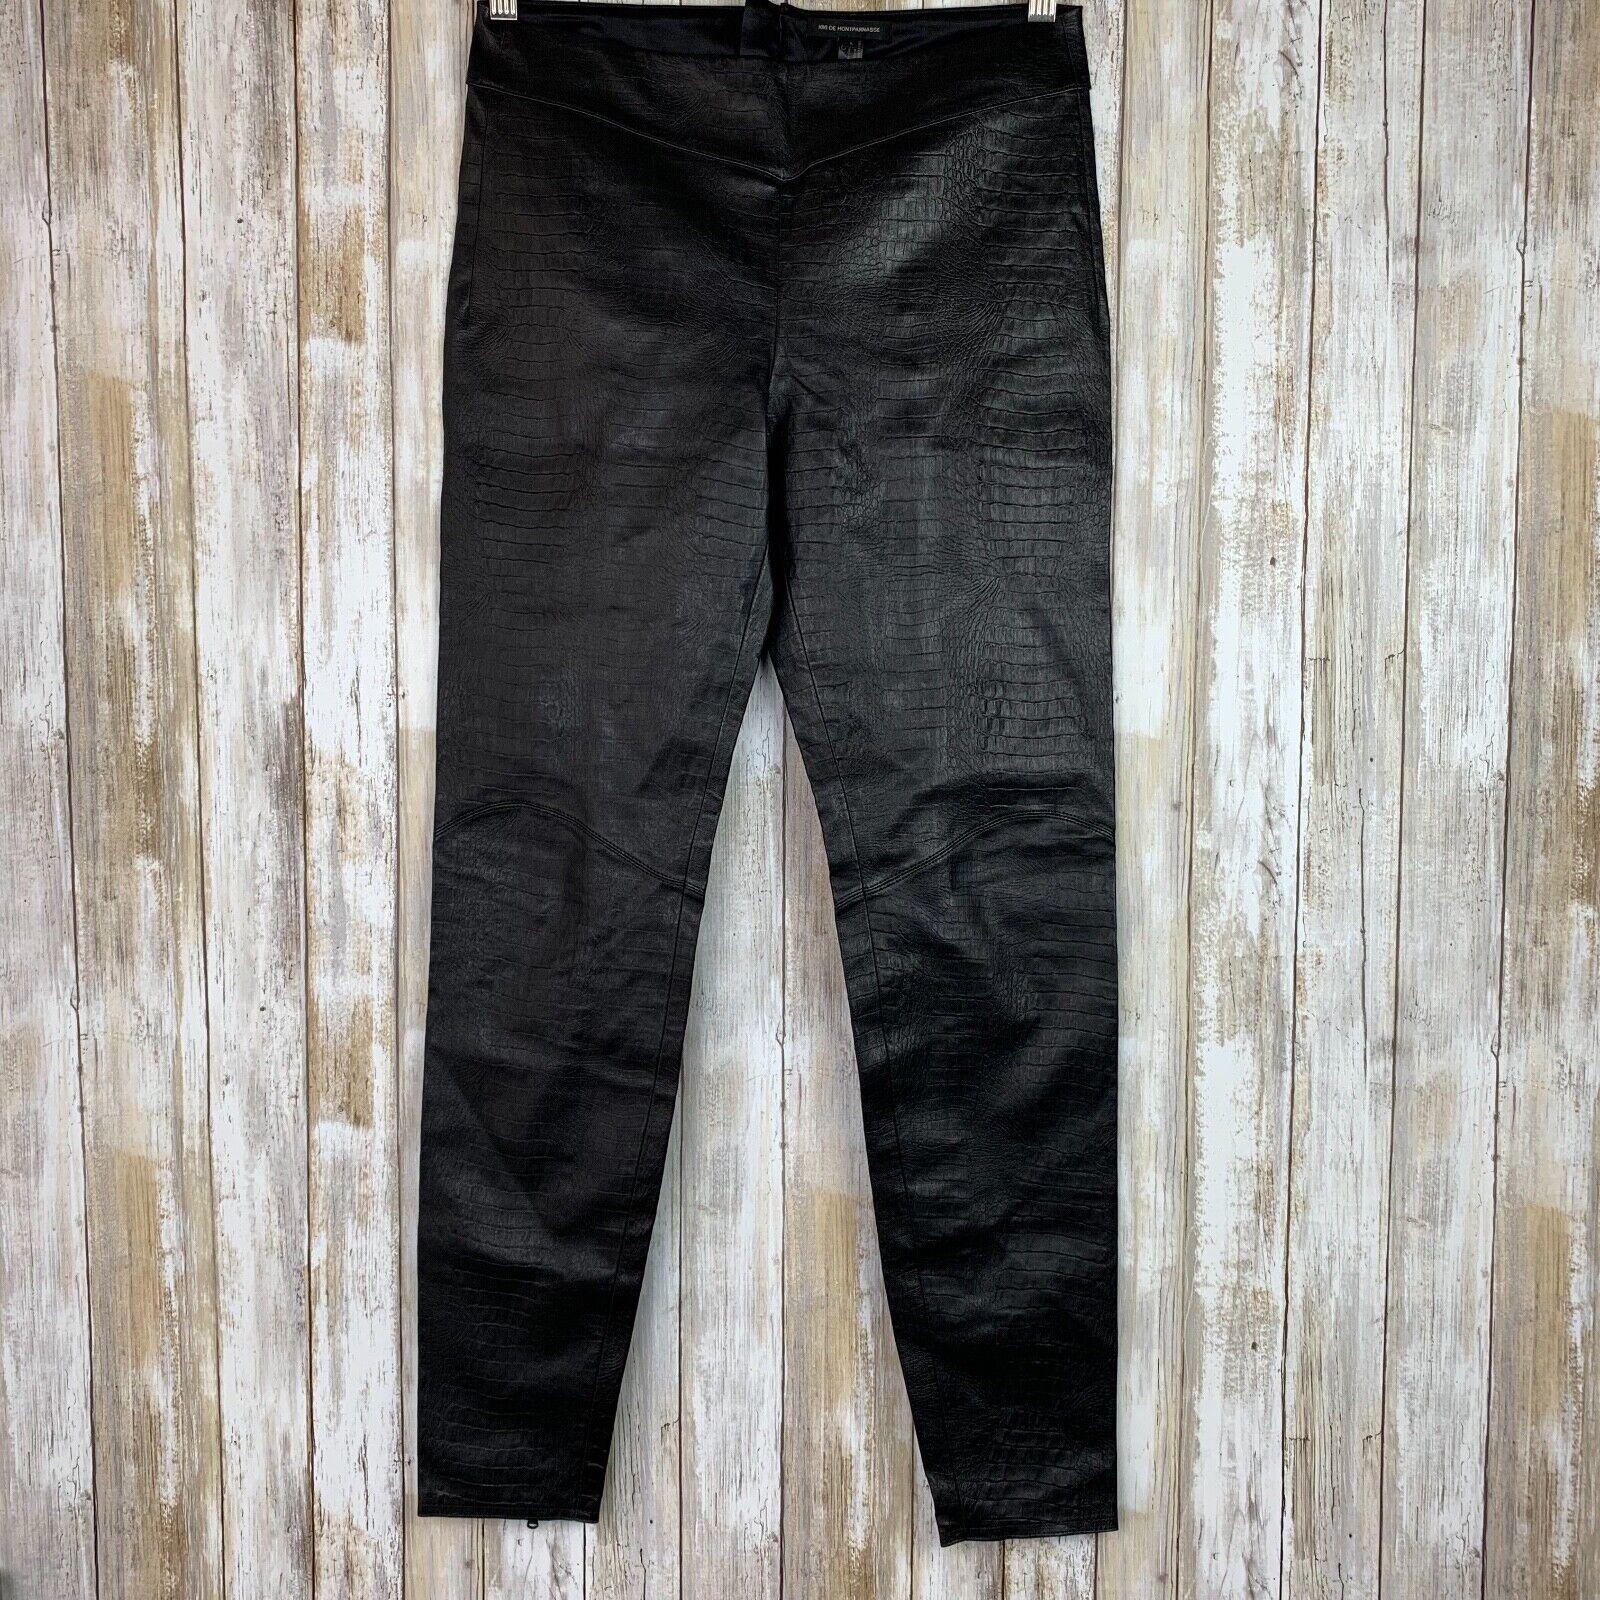 1150 Kiki De Montparnasse Brown Croco Leather Legging Moto High Rise L Large